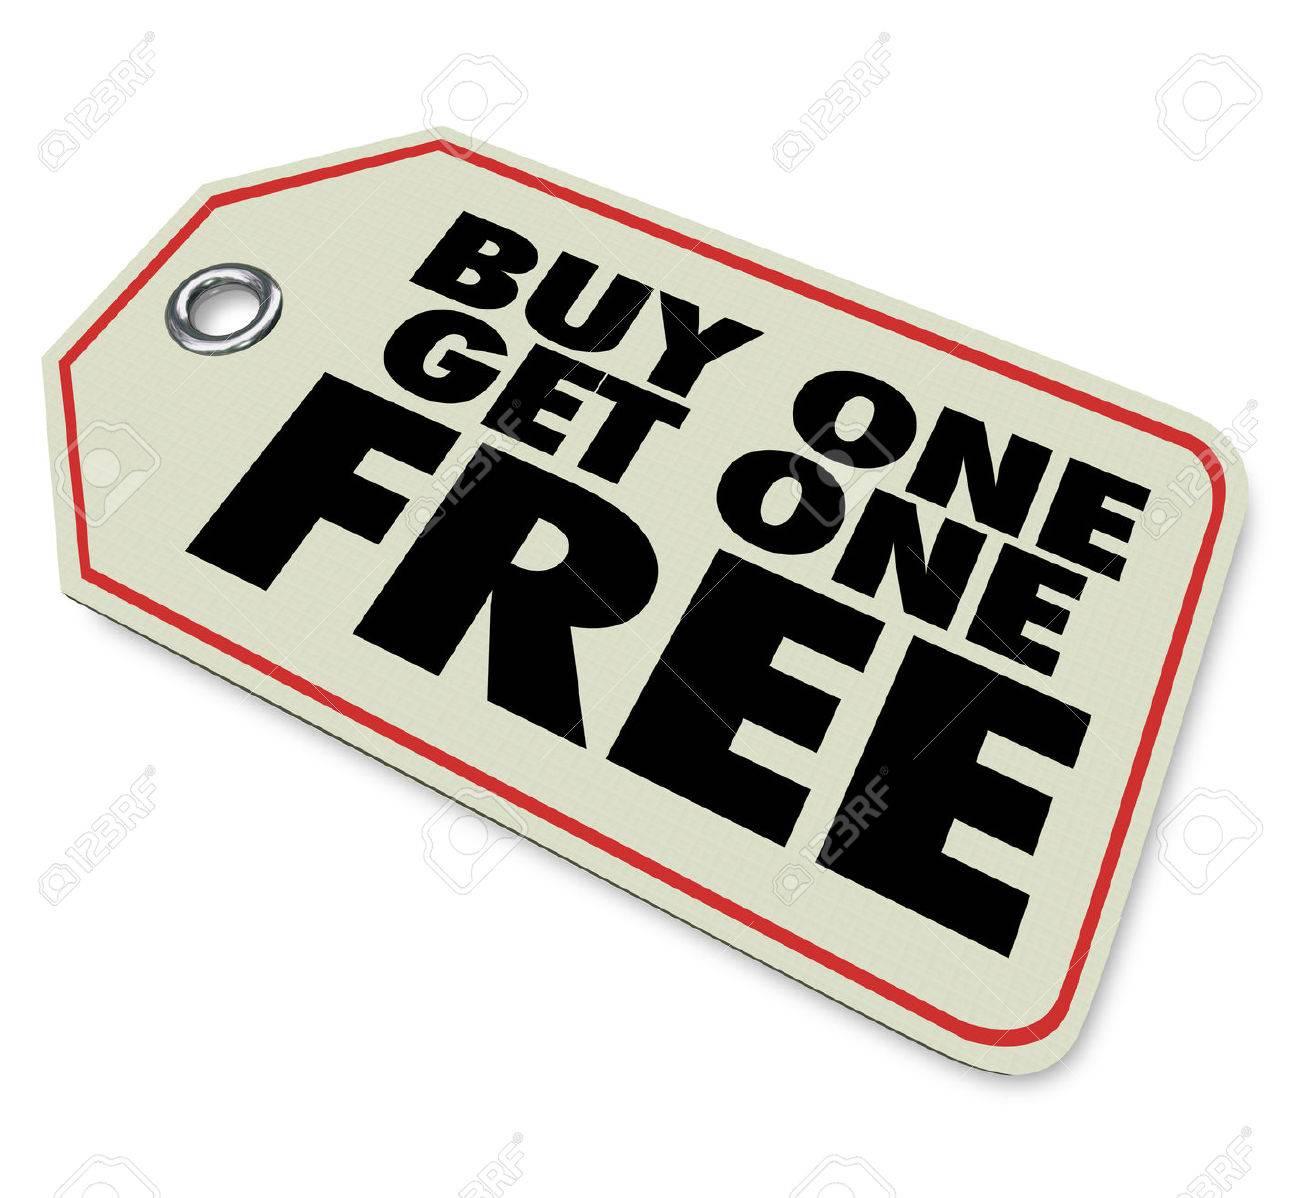 Ein Preisschild Mit Worten Buy One Get One Free Um Einen